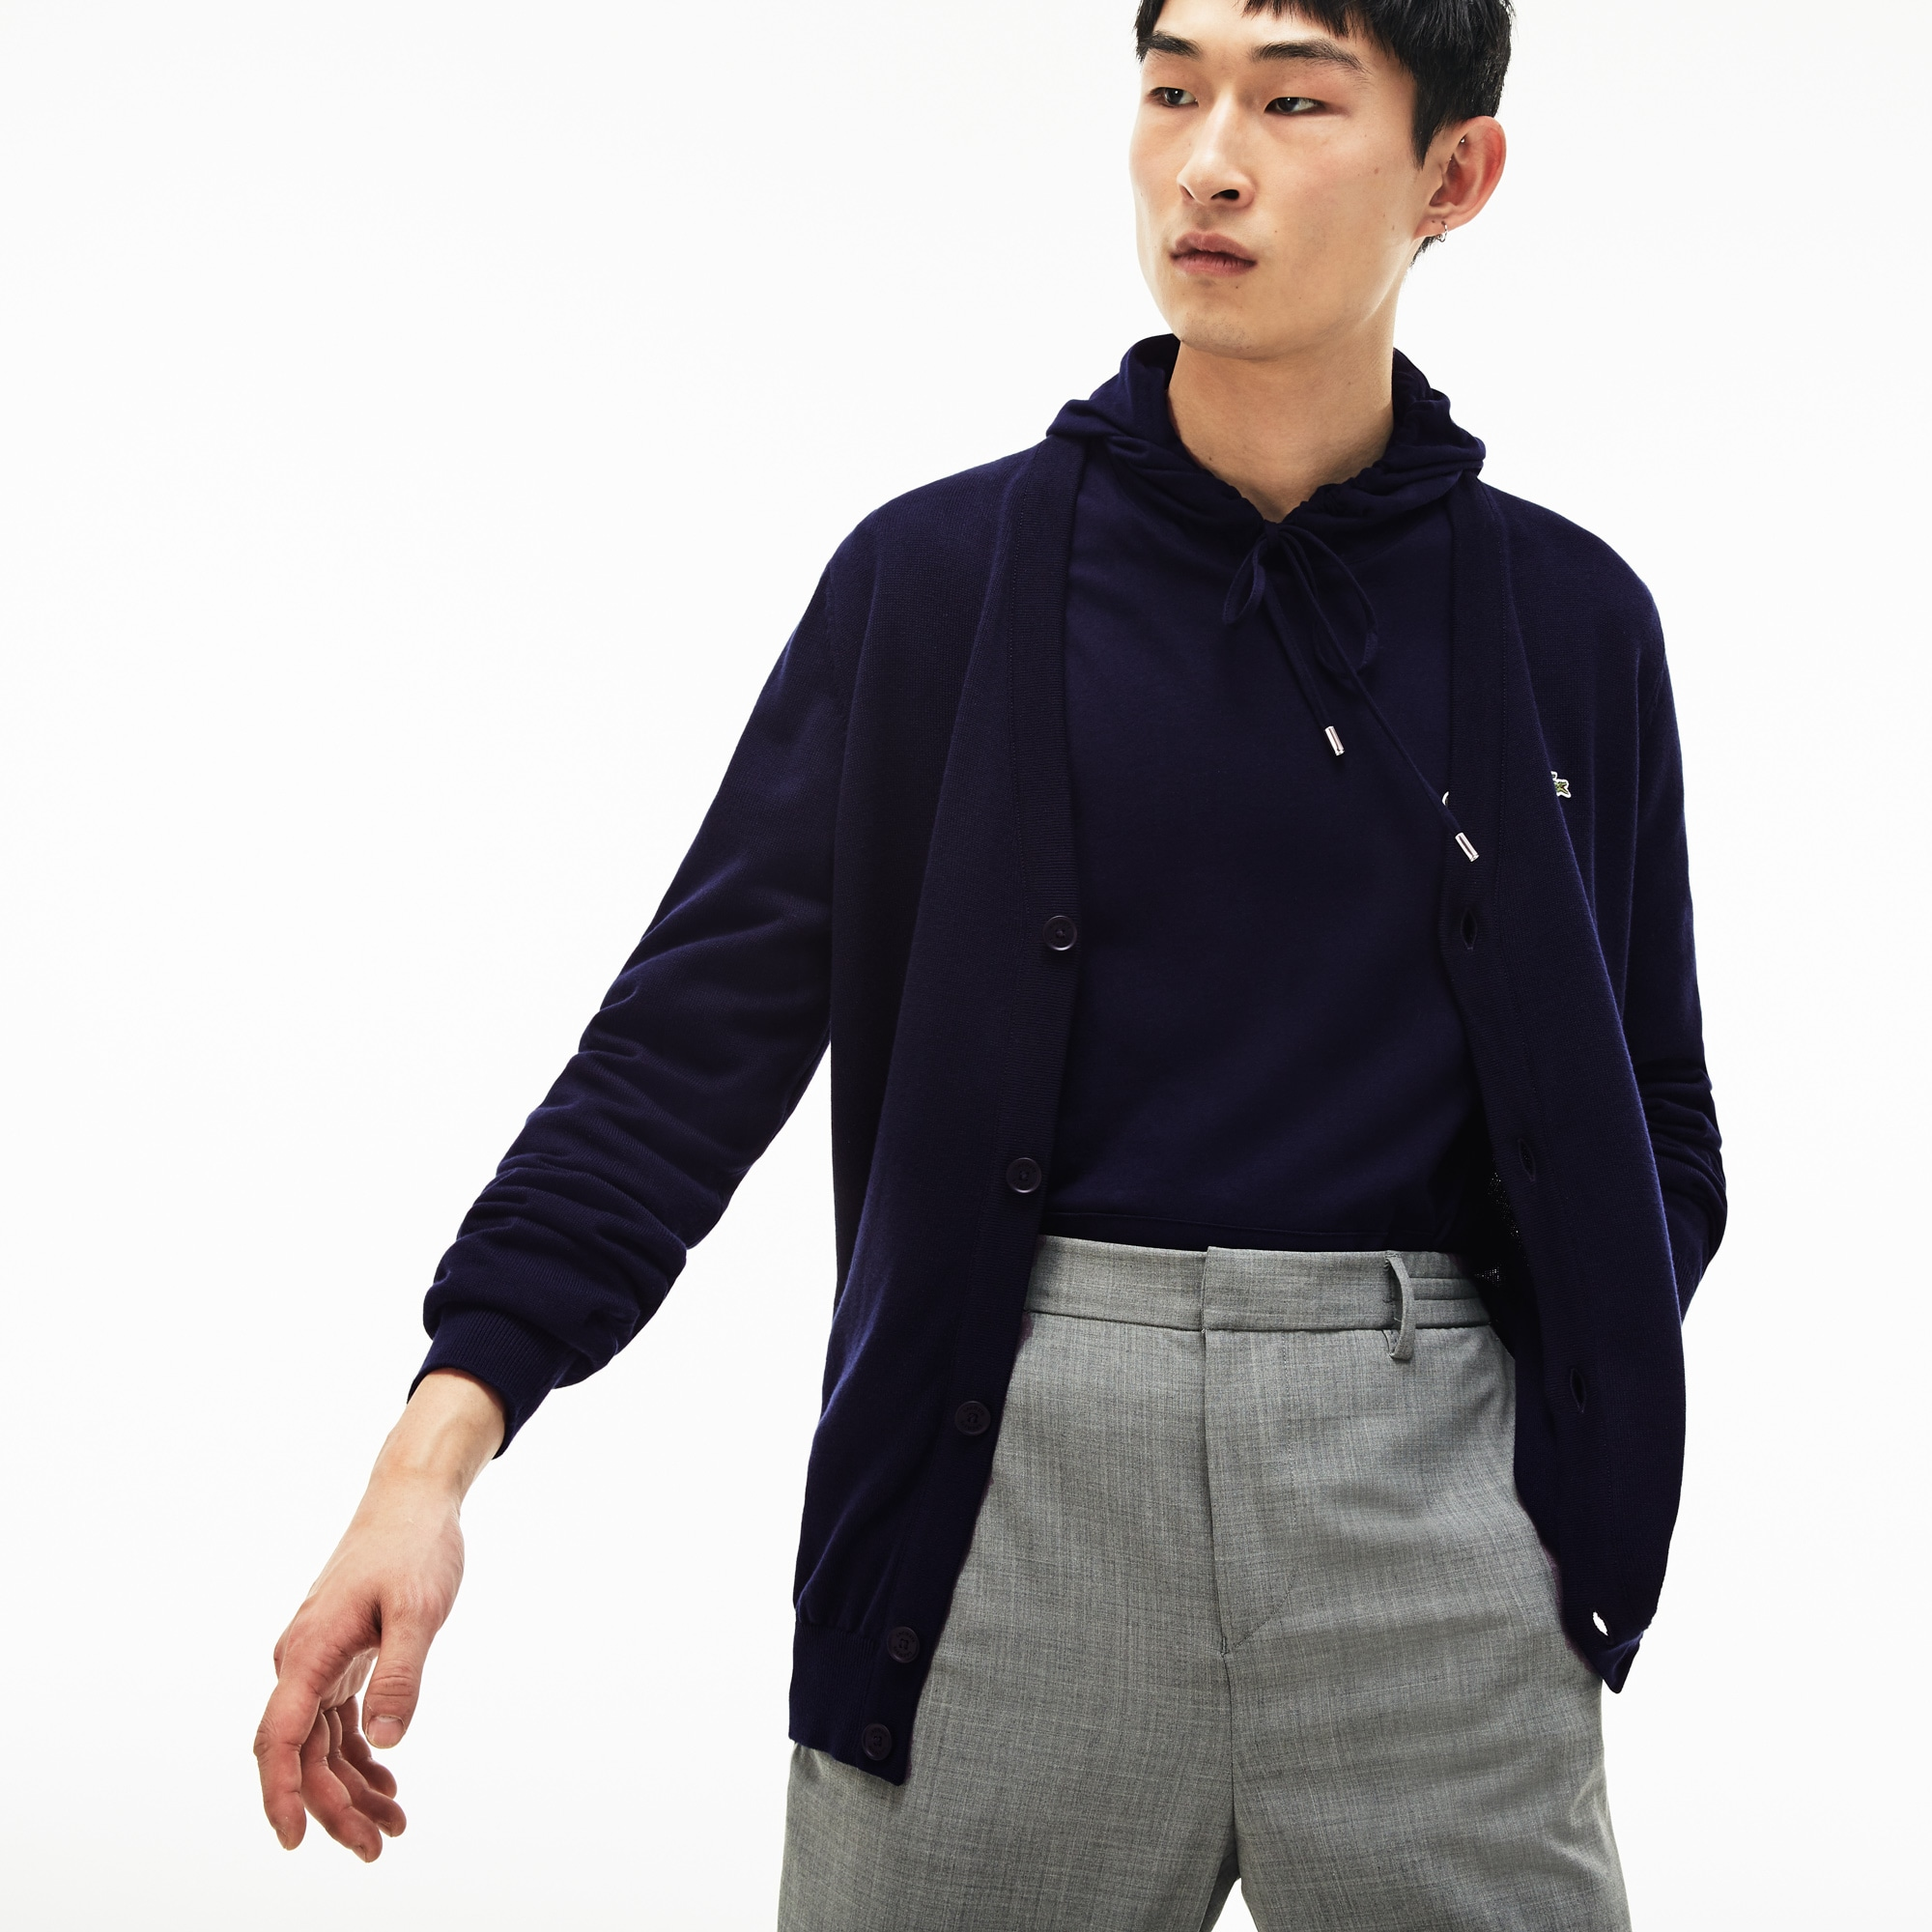 e47371a0a1 Men's Cotton Jersey Cardigan | LACOSTE